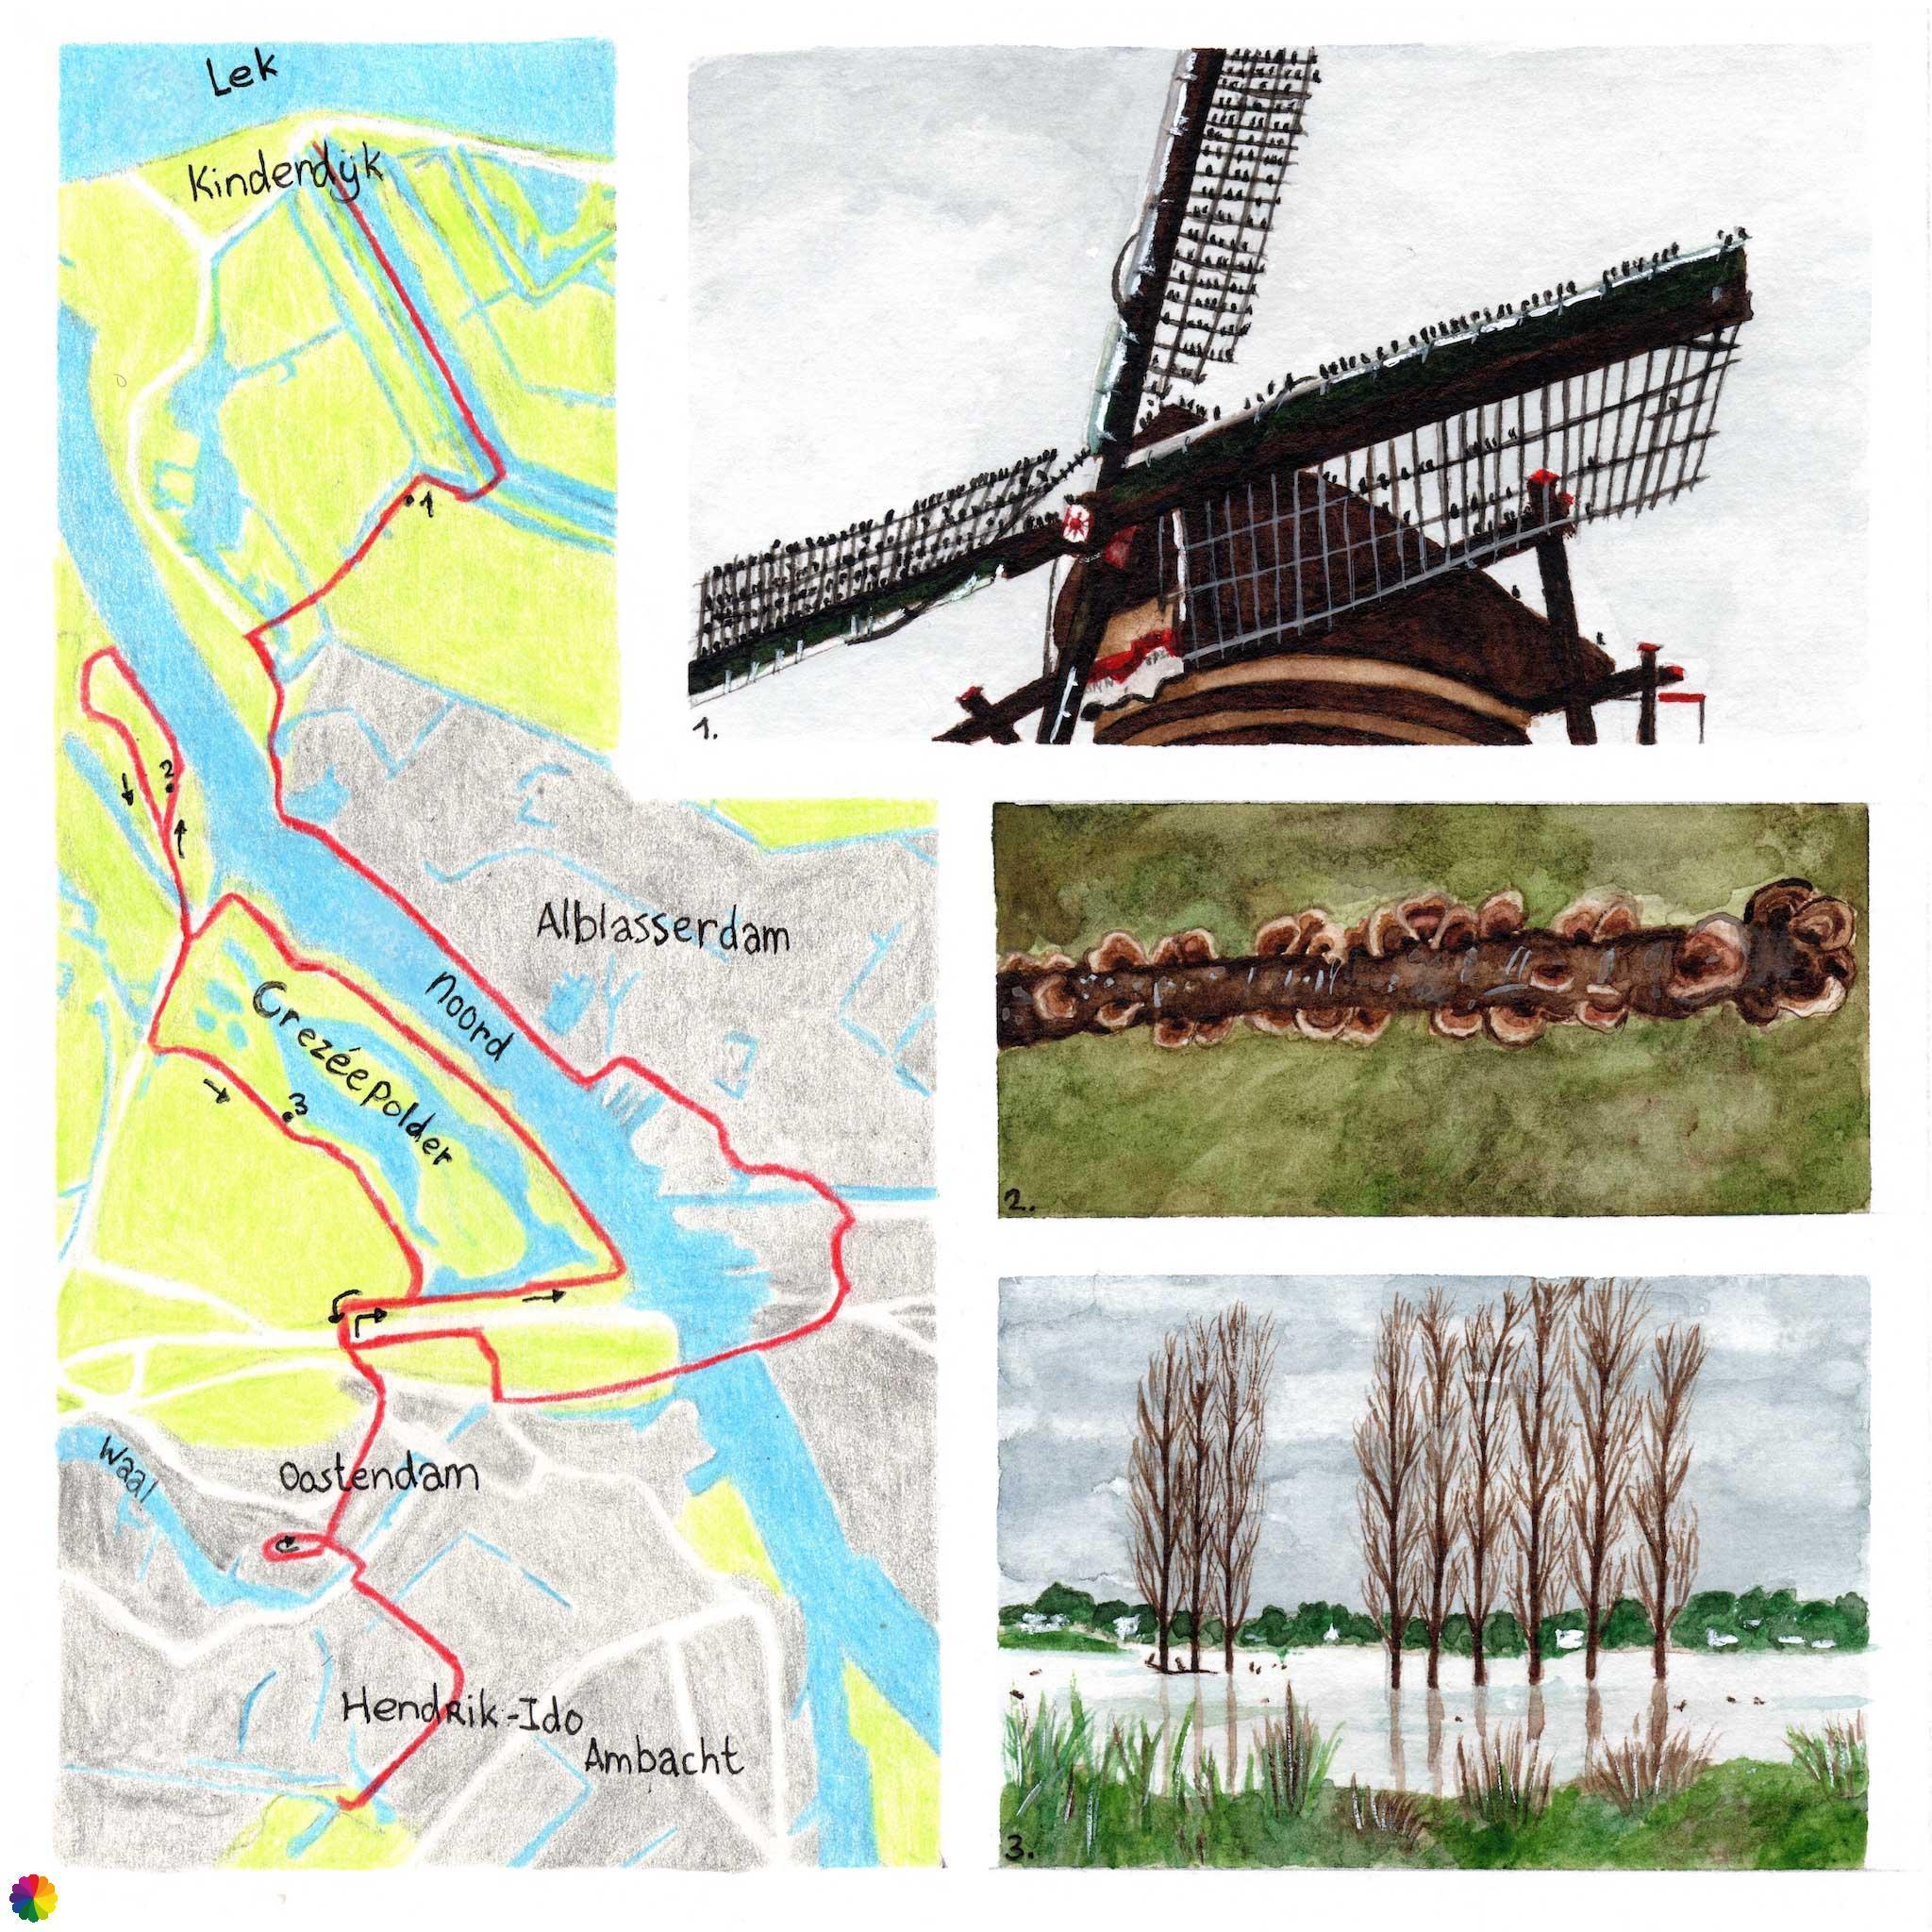 Wandelkaartje Kinderdijk - Hendrik-Ido Ambacht